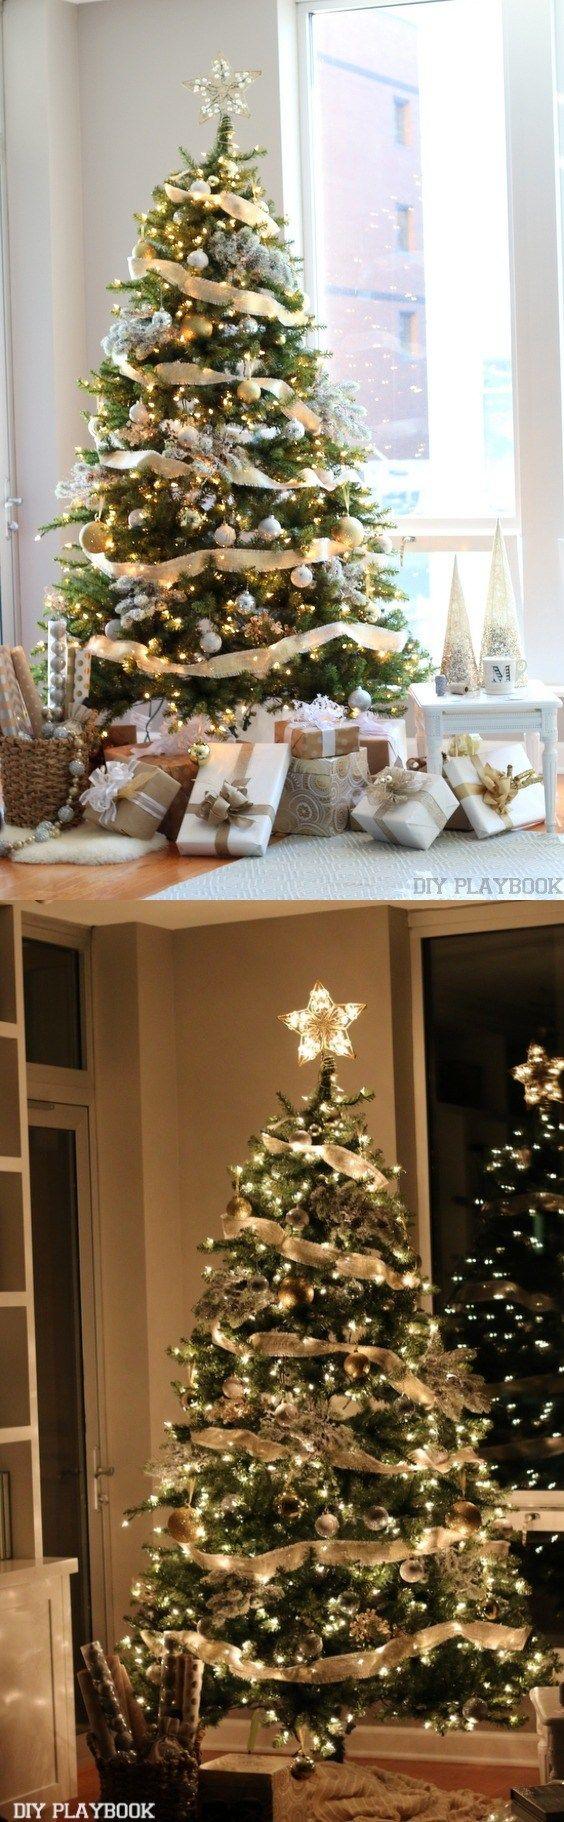 M s de 25 ideas incre bles sobre navidad dorada en - Arbol de navidad dorado ...